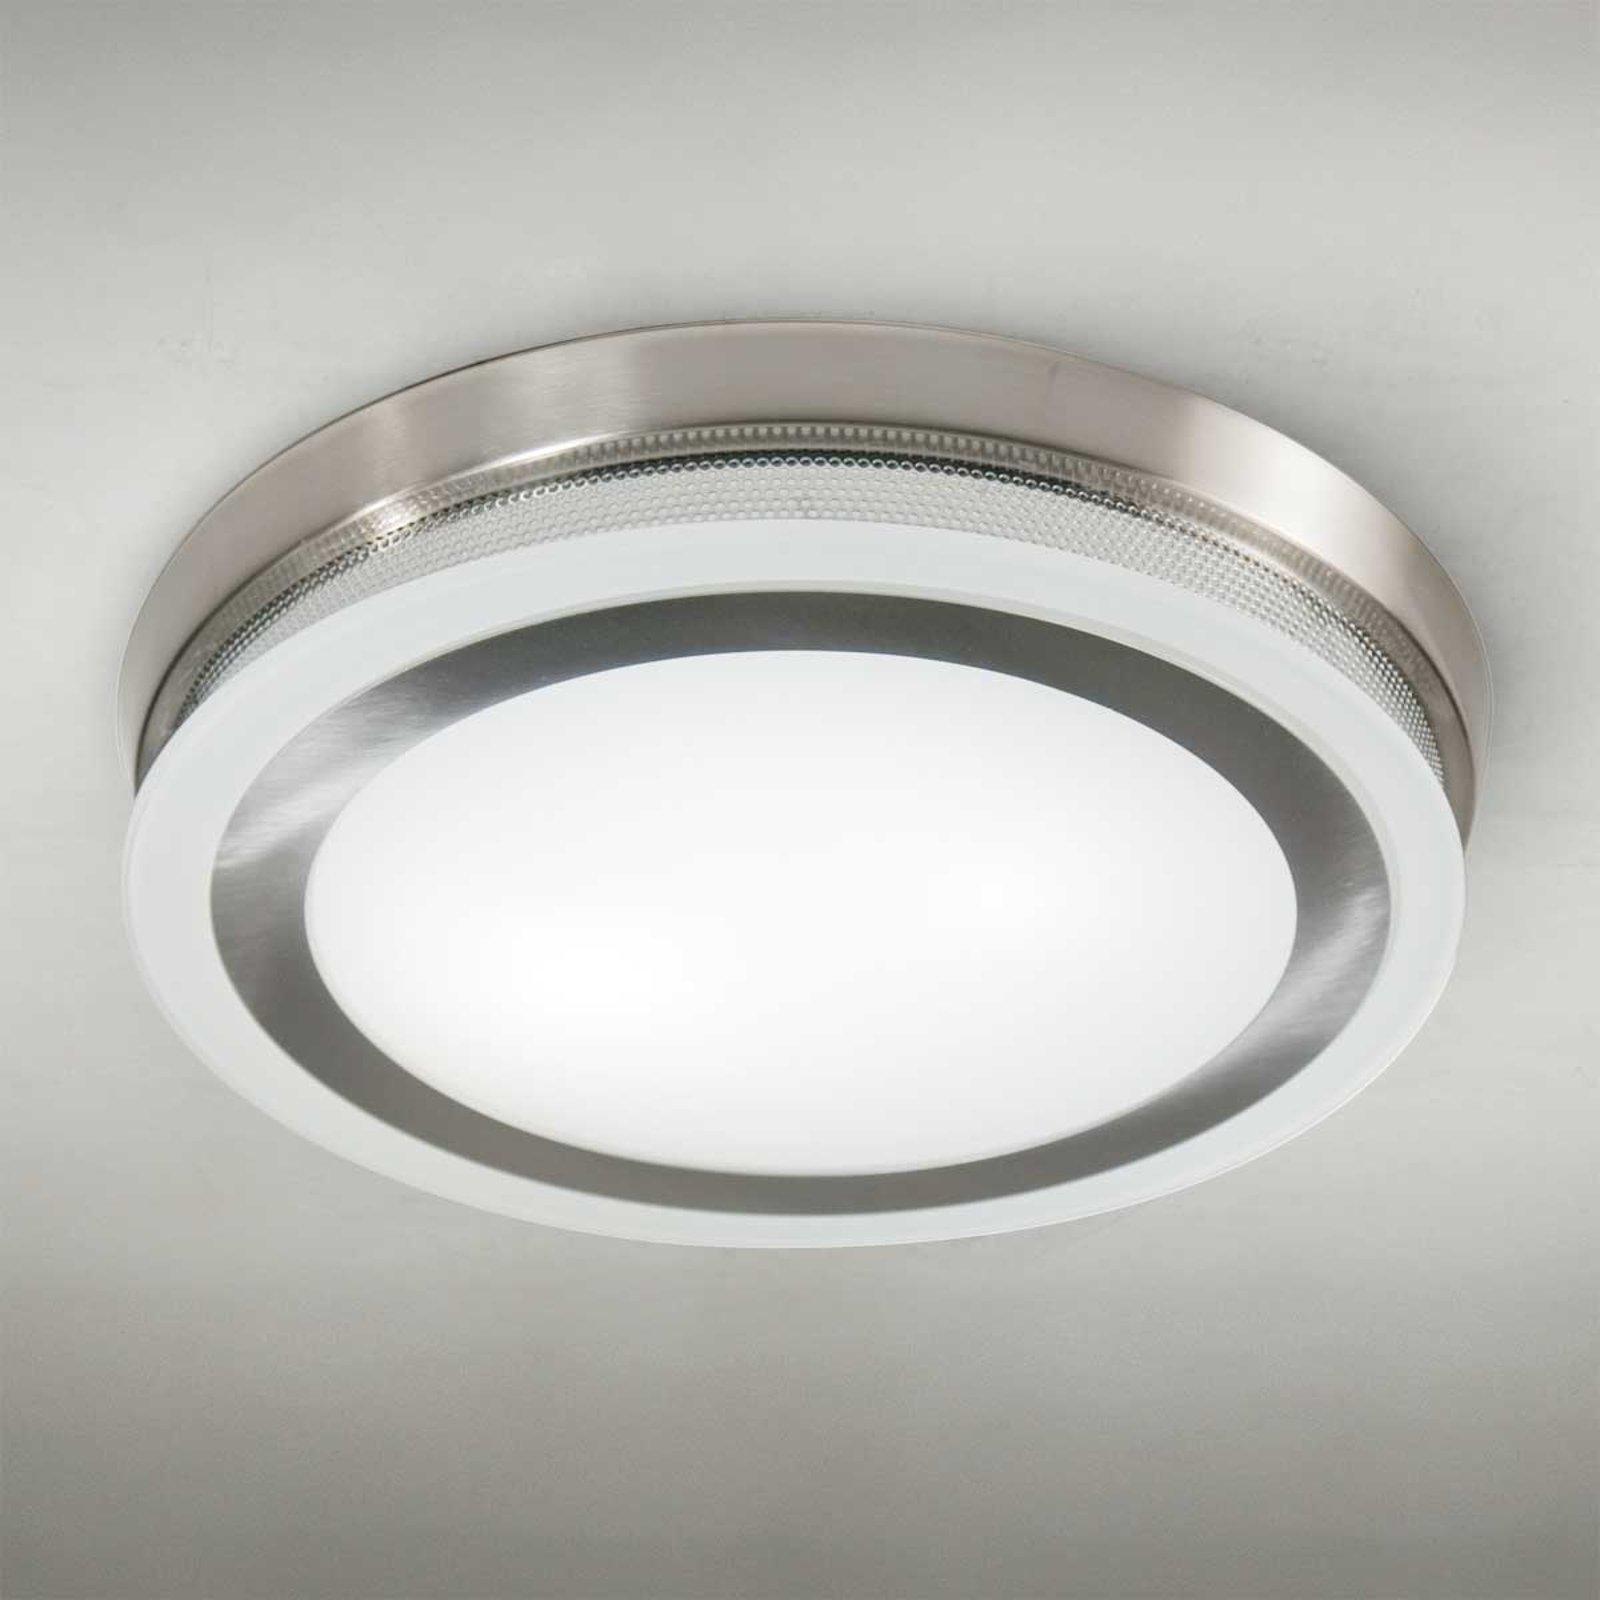 Rund taklampe RING 9115, stål, 43 cm